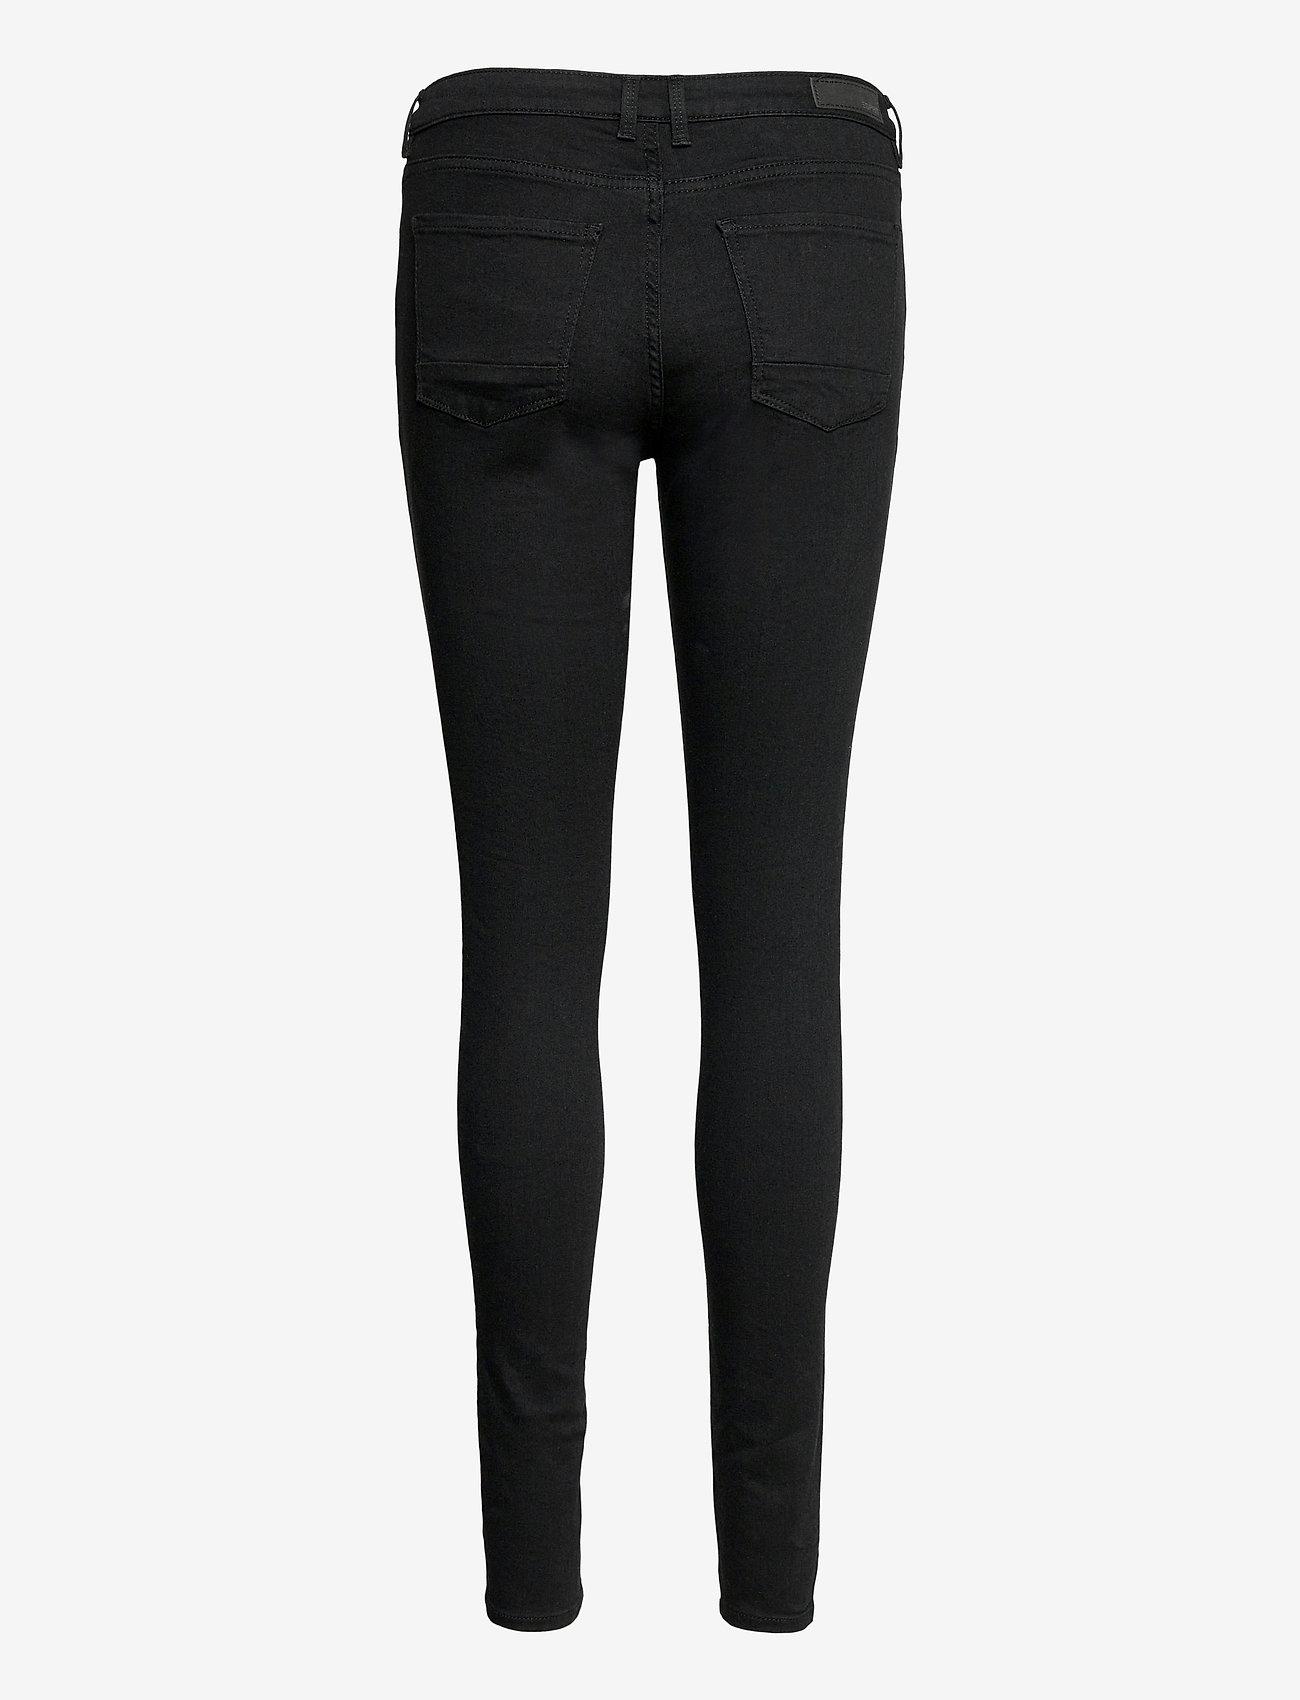 Esprit Casual - Pants denim - skinny jeans - black rinse - 1